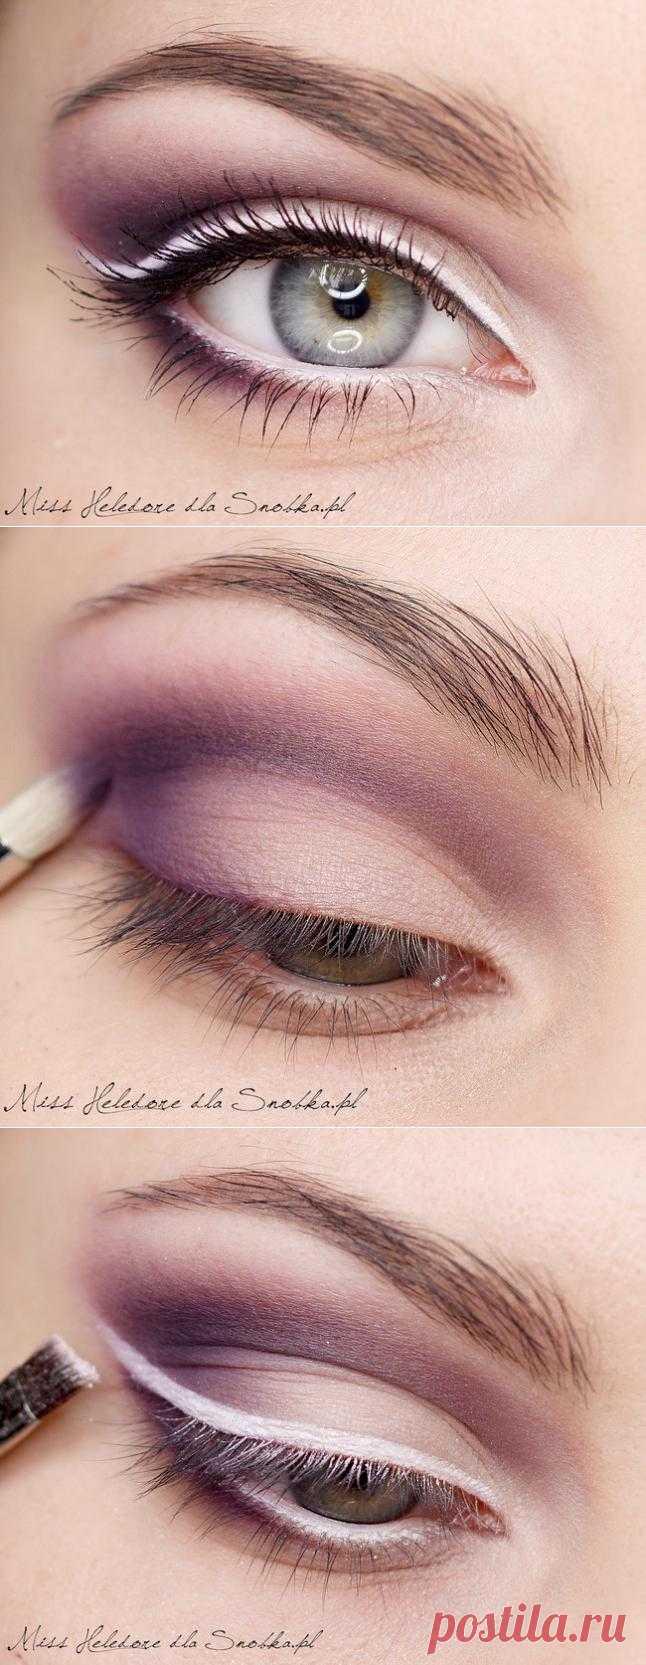 Макияж глаз: Сливовый десерт. Великолепный пошаговый урок с фото и рекомендациями!